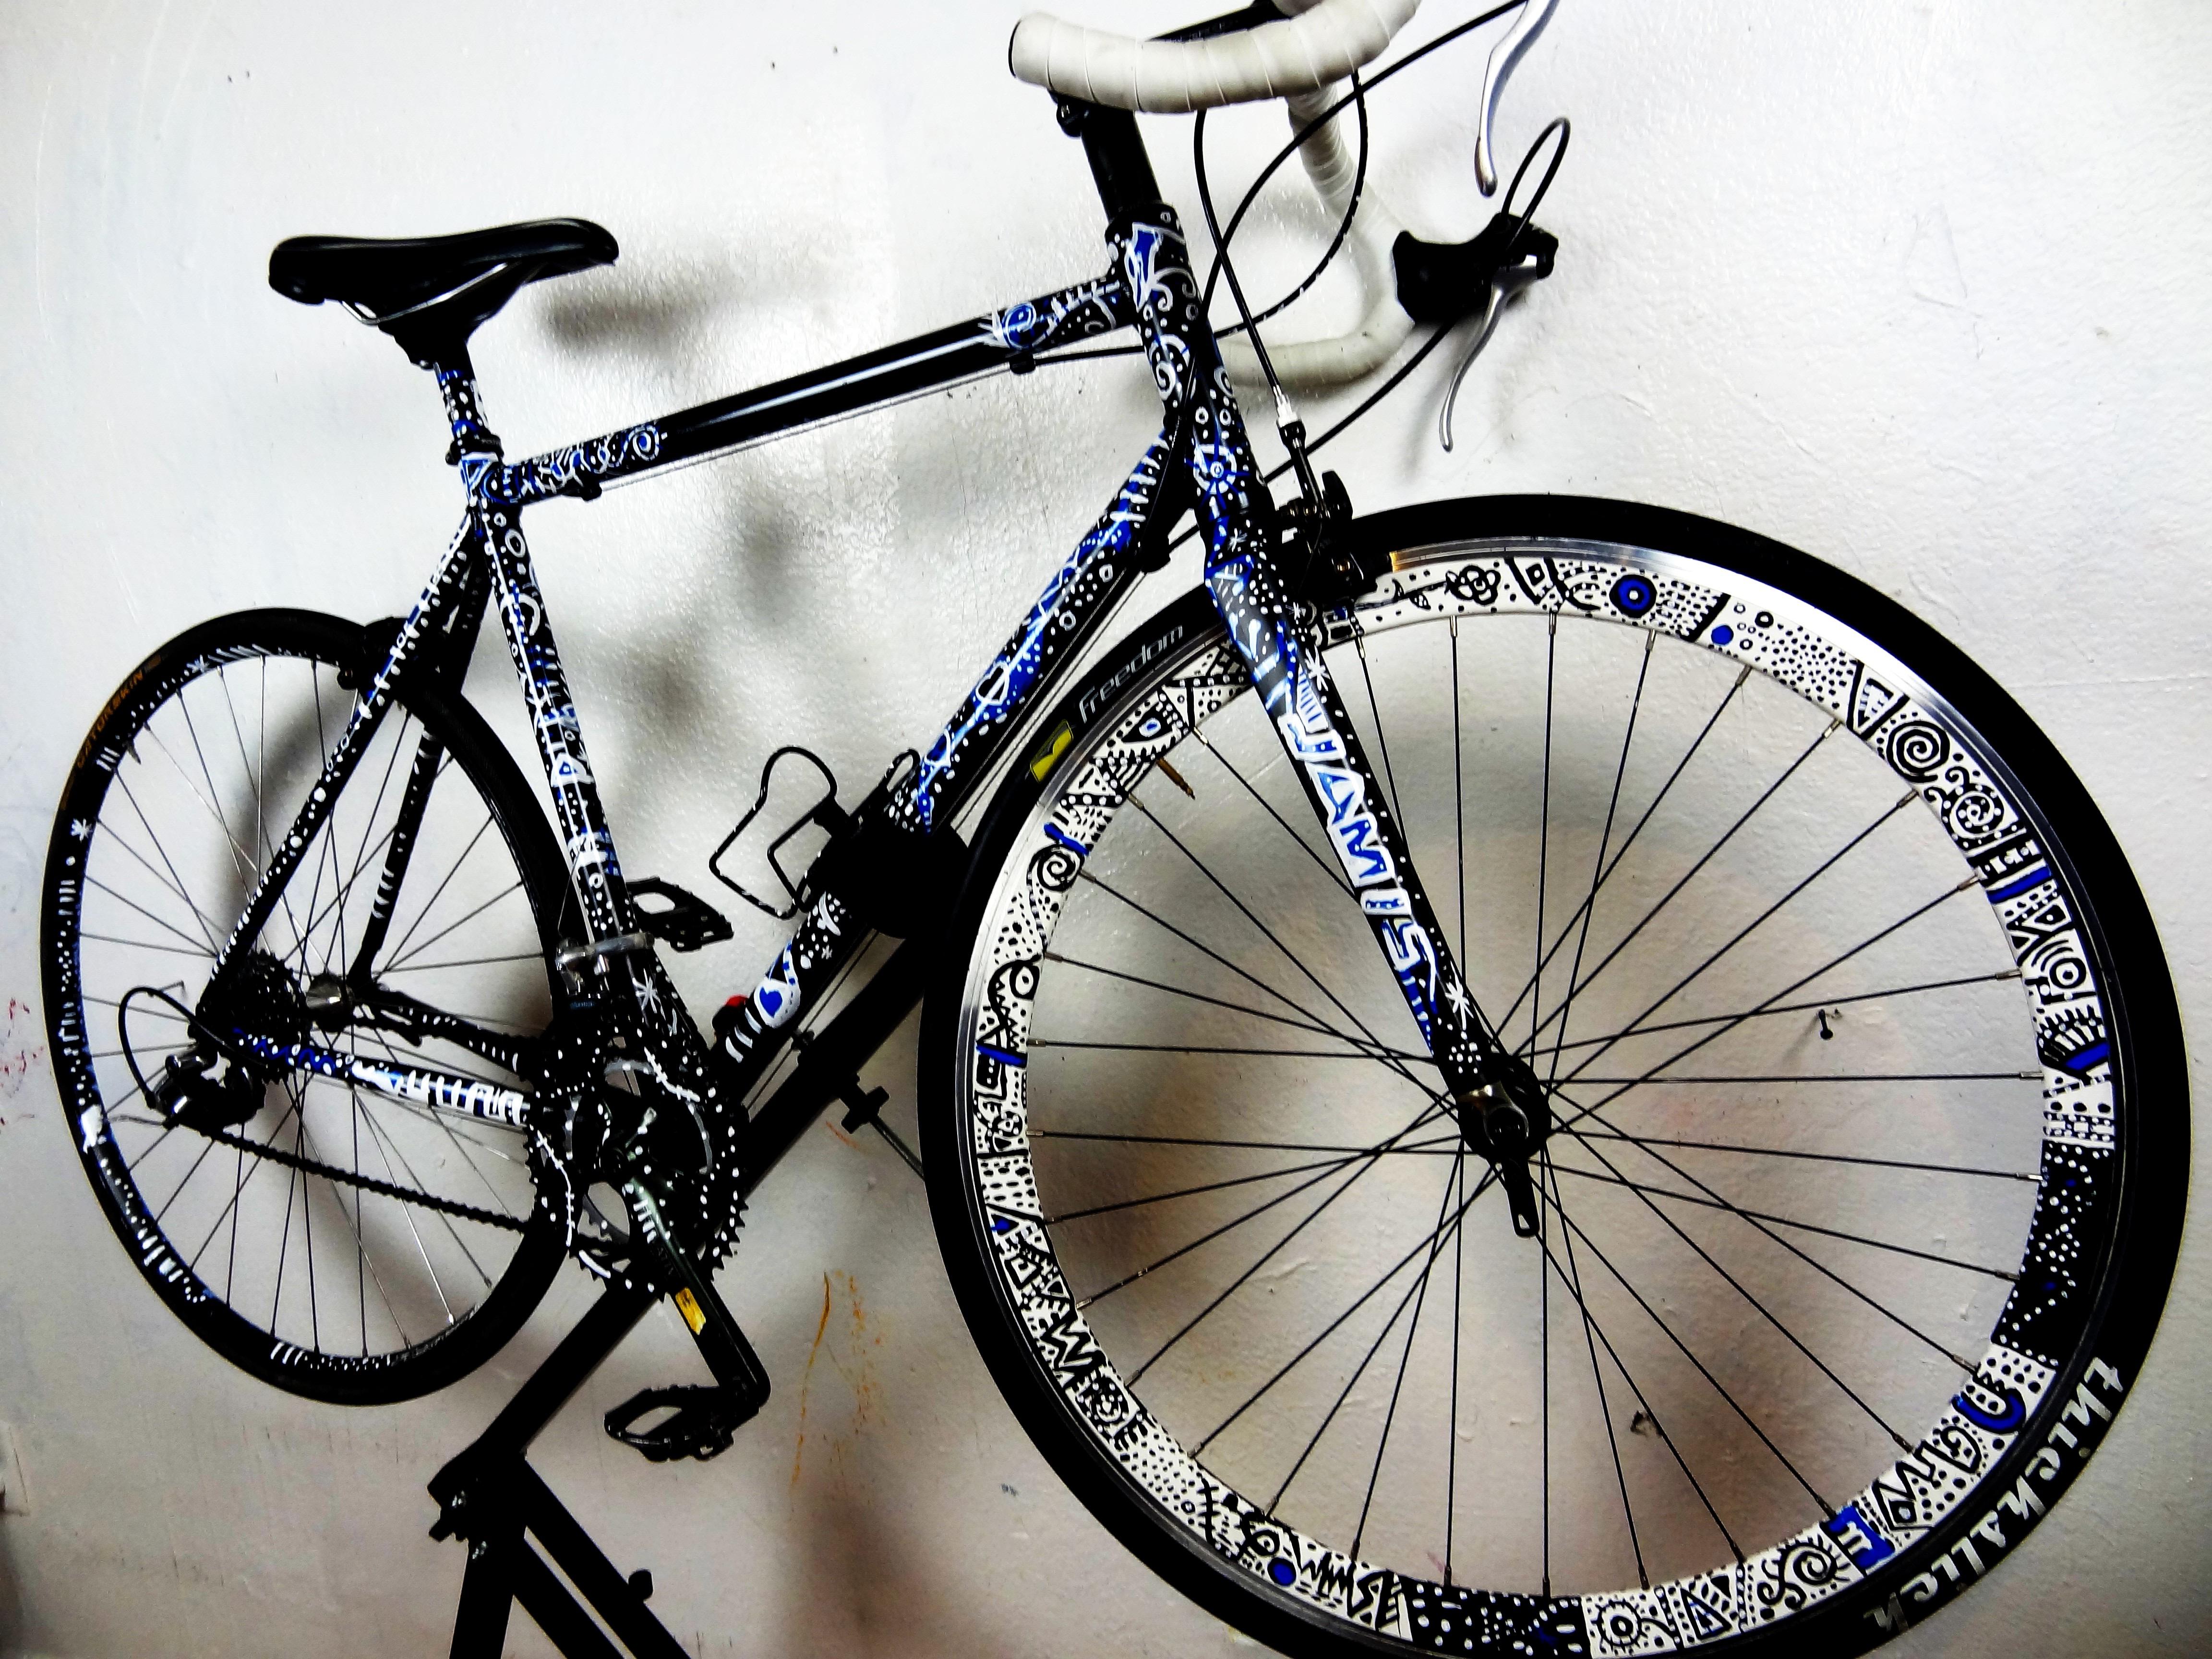 Bicicleta Pintada a Mano.